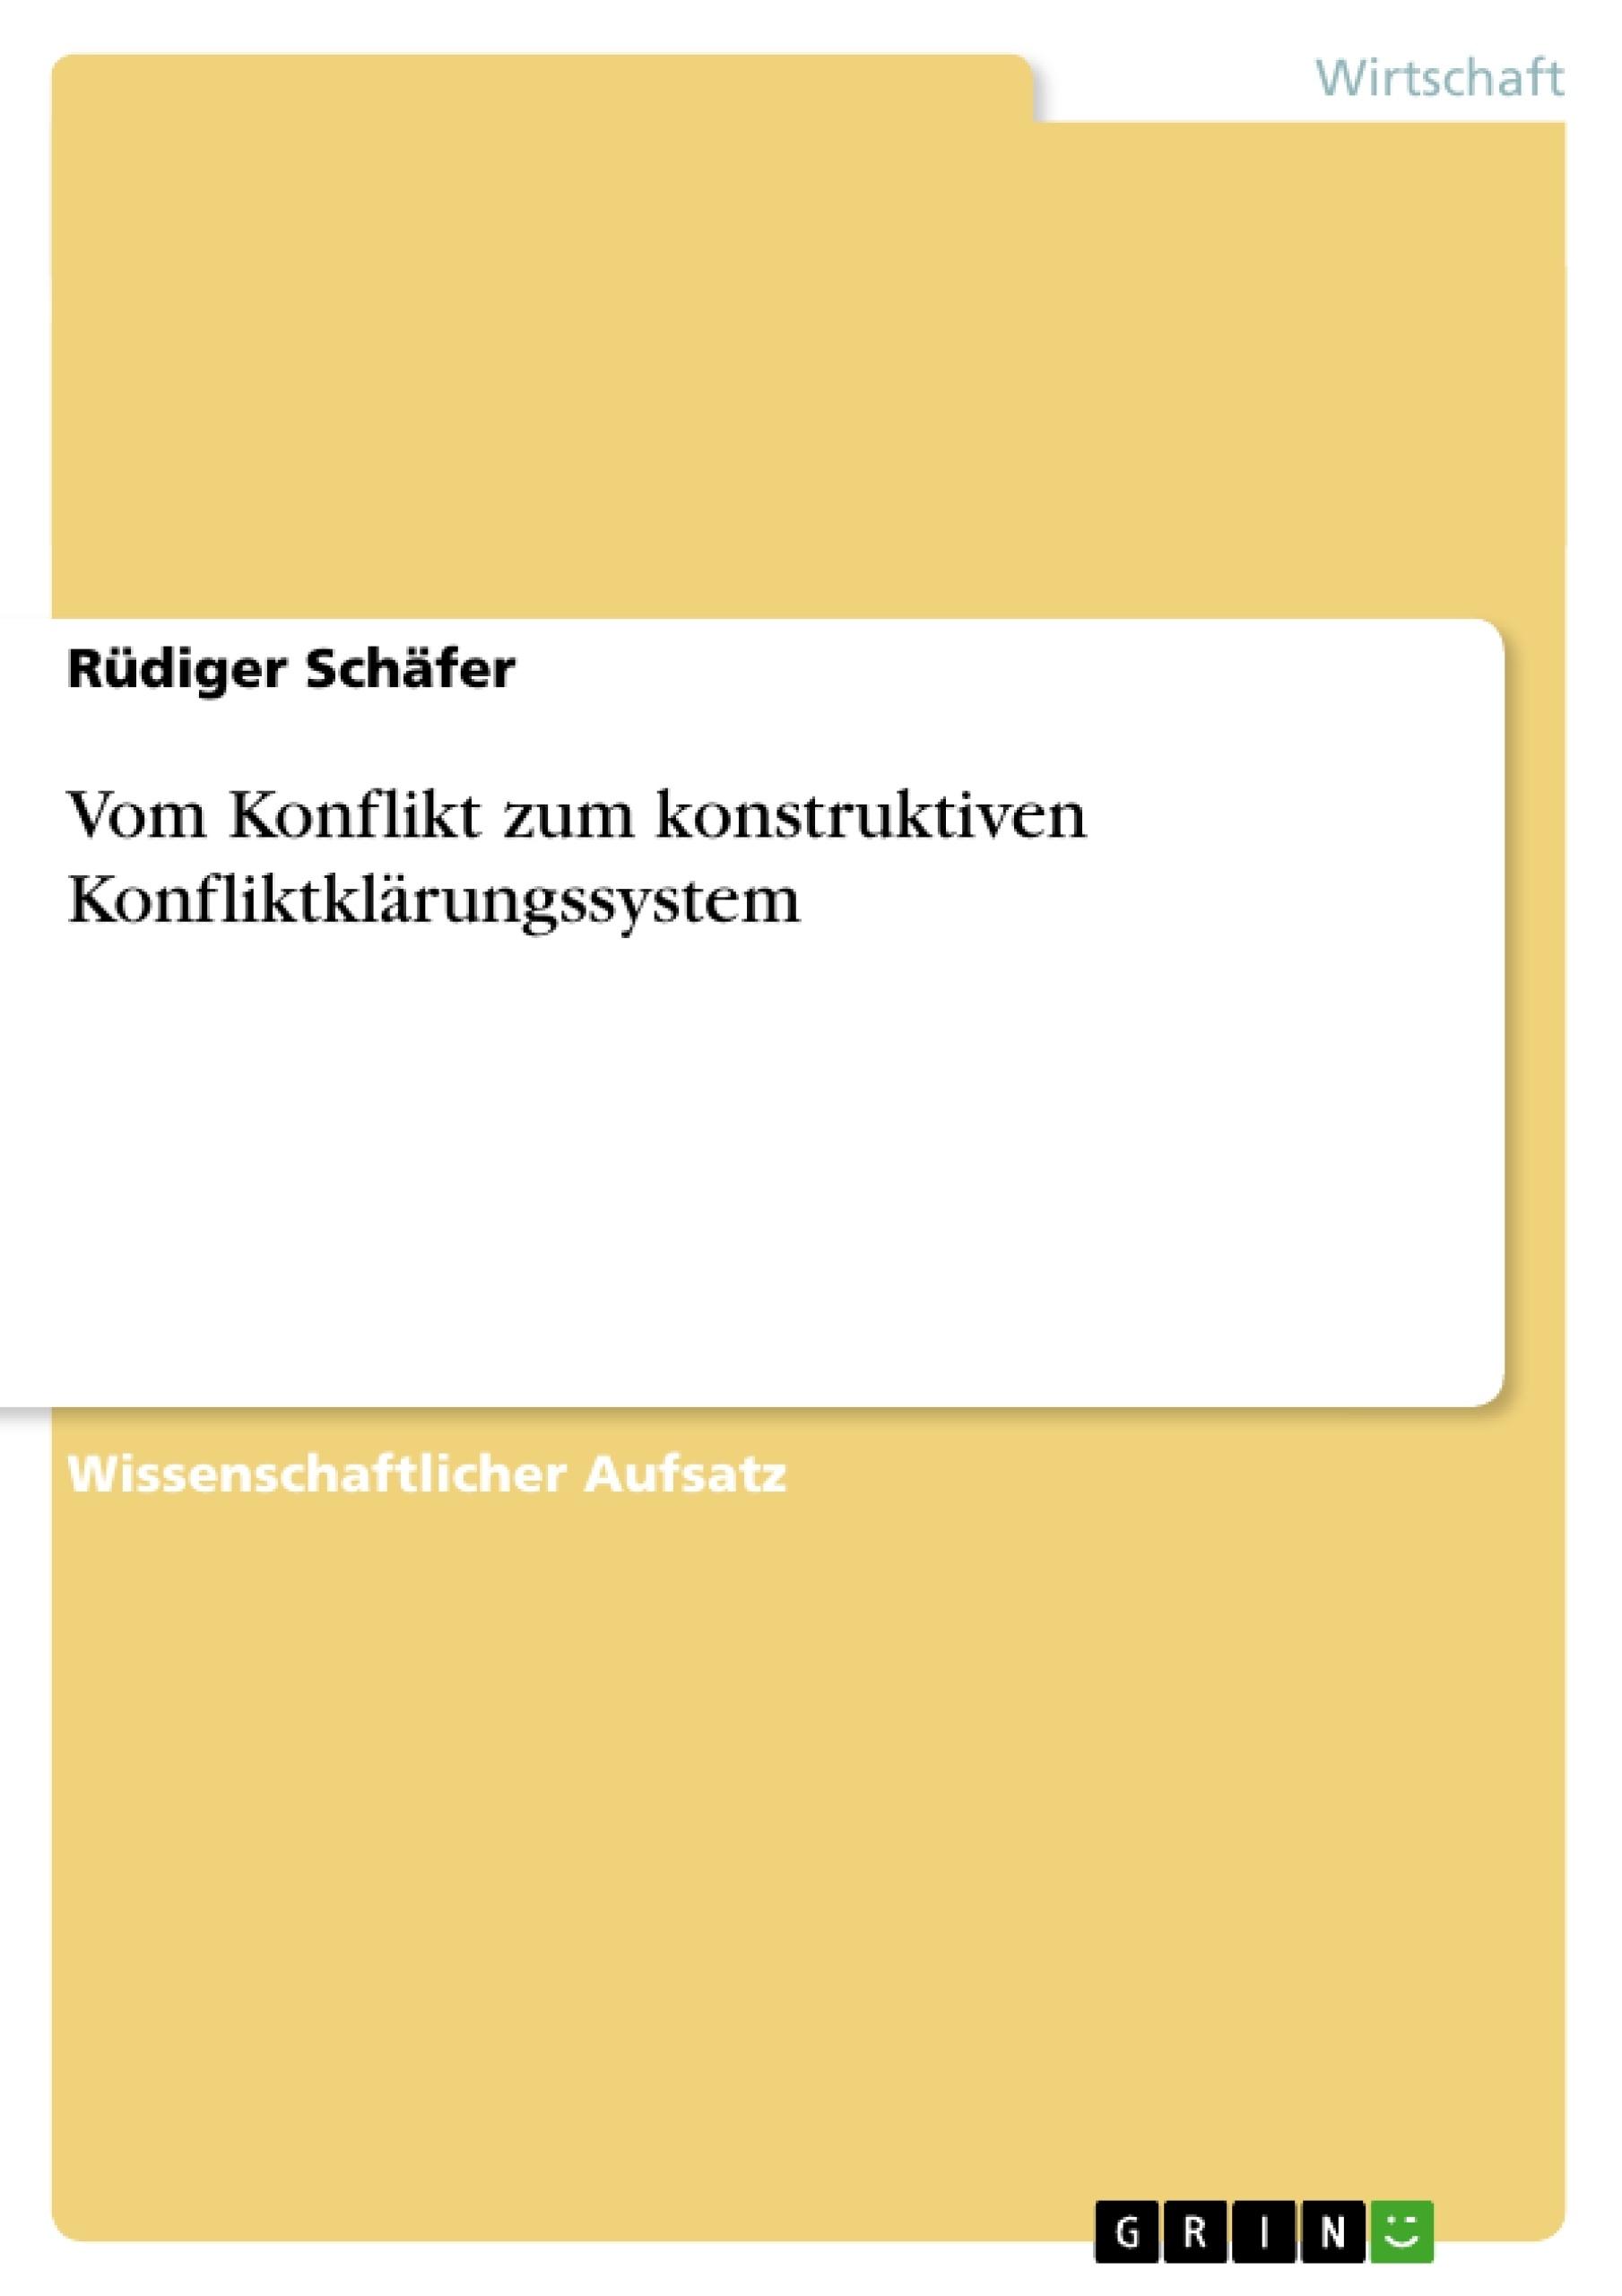 Titel: Vom Konflikt zum konstruktiven Konfliktklärungssystem